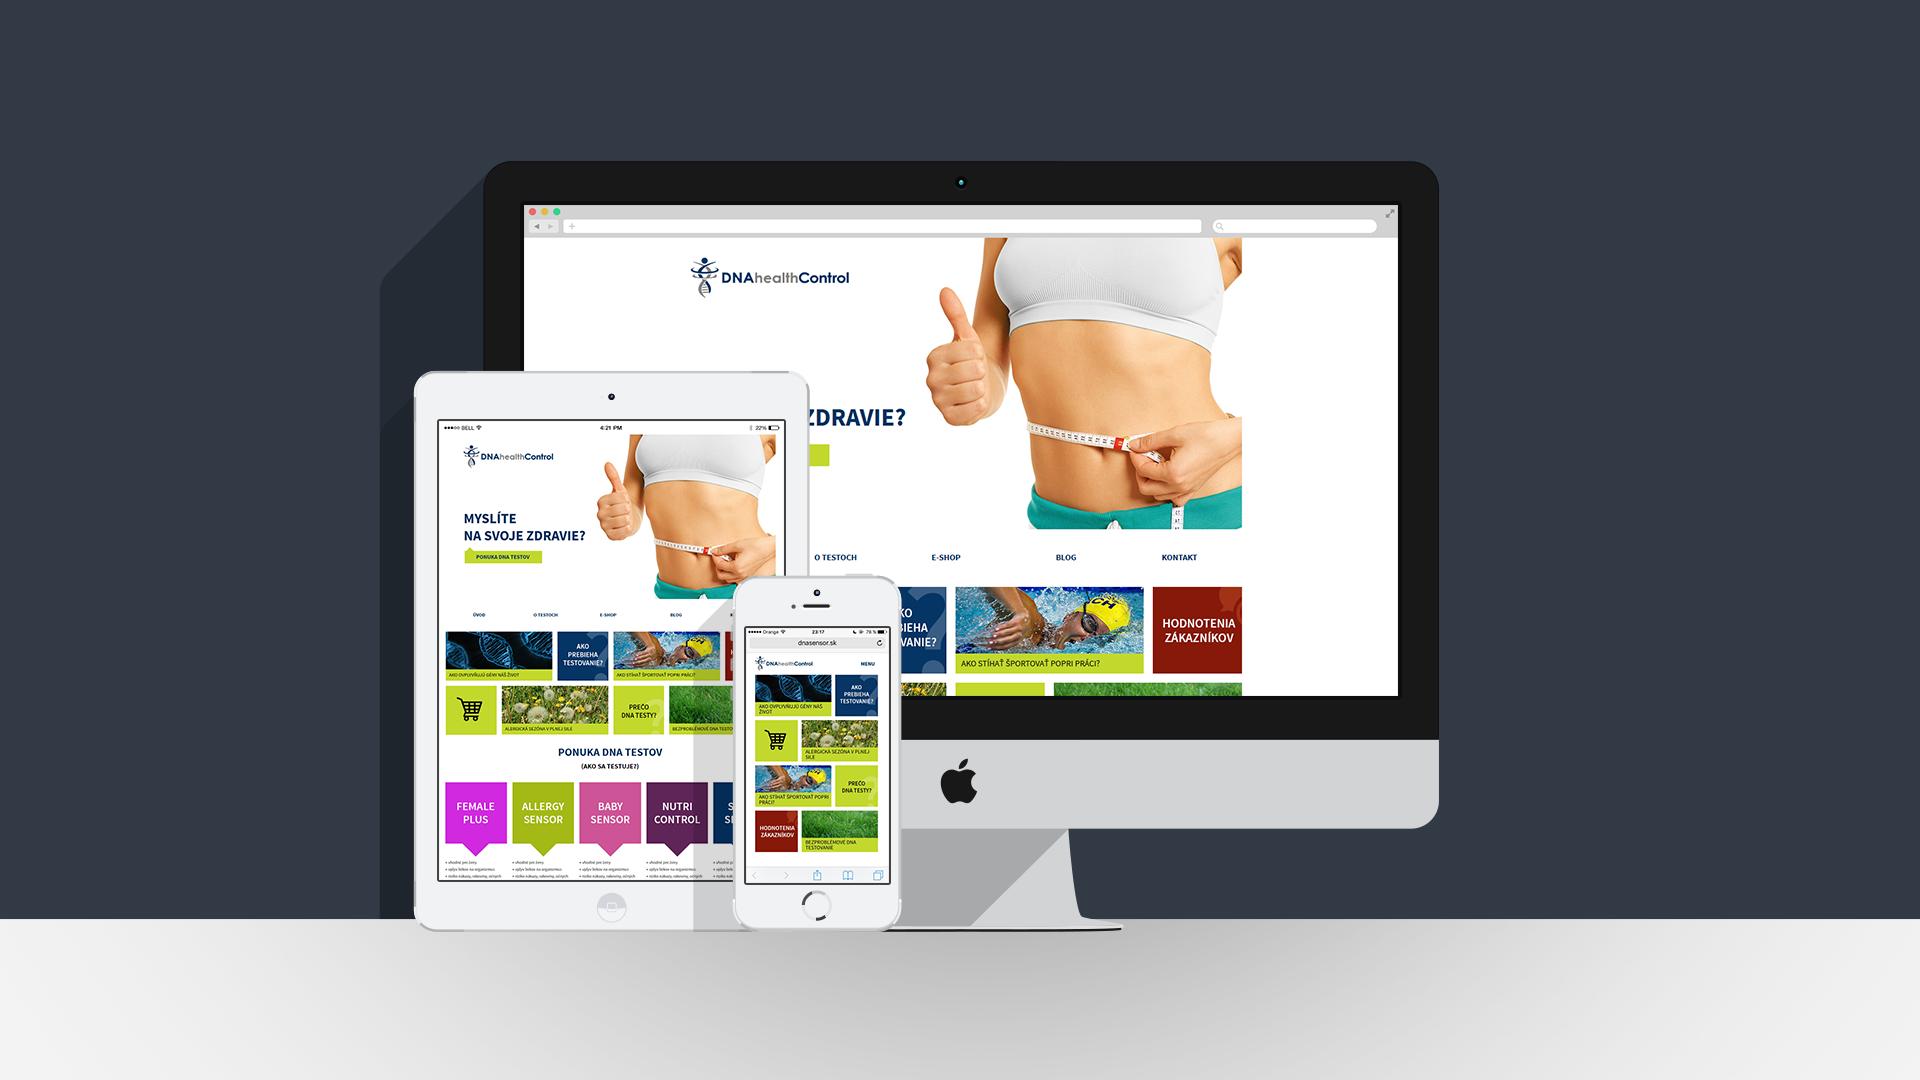 Wordpress internetová web stránka pre firmu DNA Sensor, ktorá sa zaoberá predajom dna testov. Viac nových projektov na www.maroszimnikoval.sk